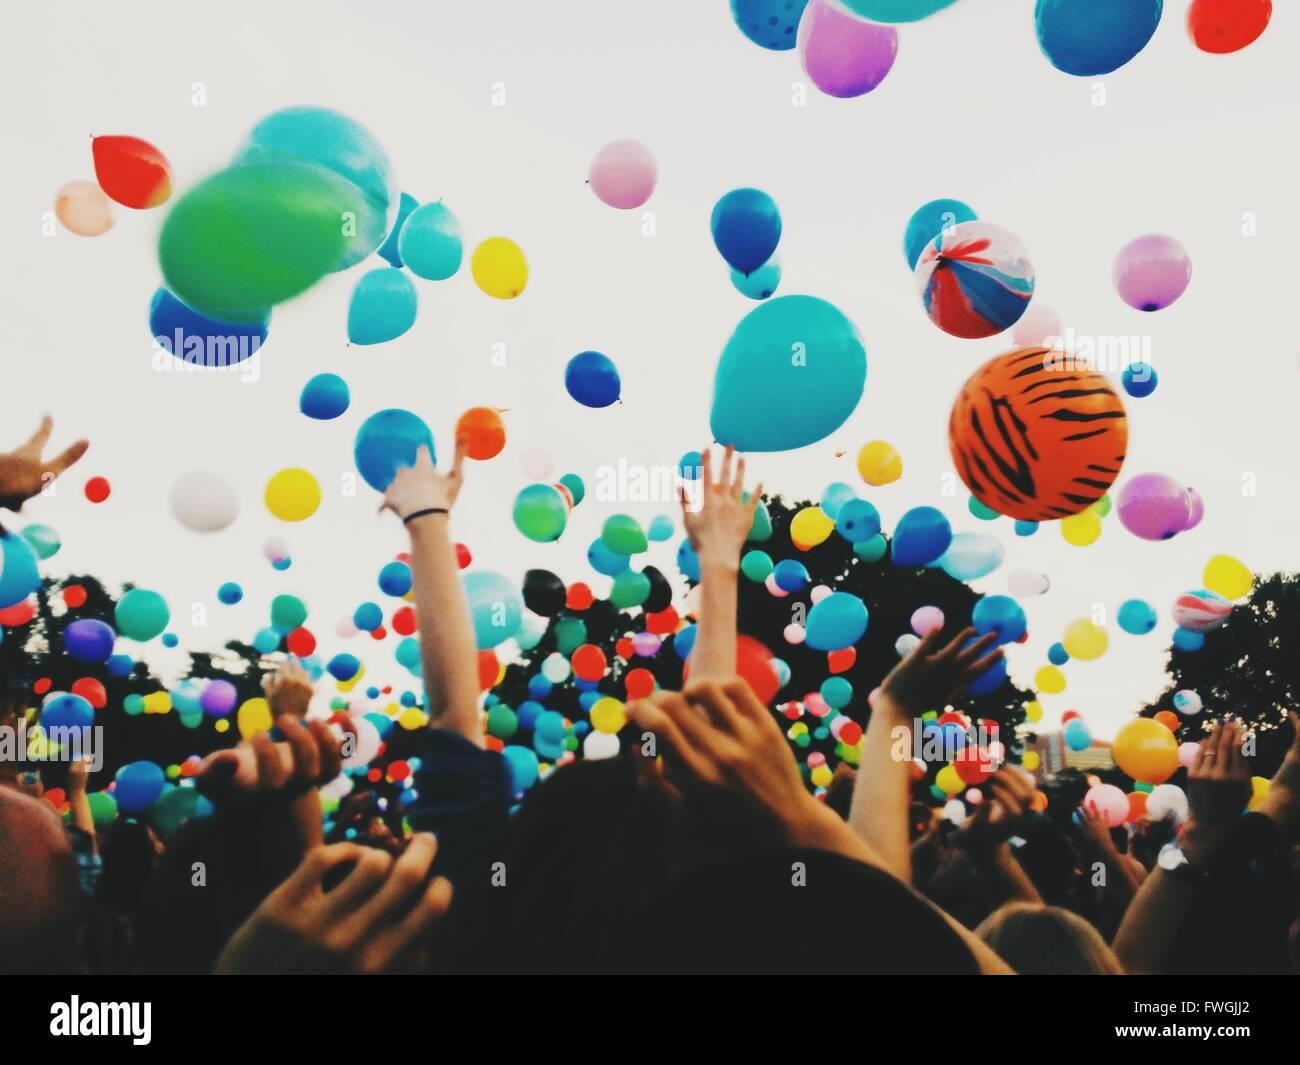 La folla gettando palloncini colorati contro il cielo durante il festival Immagini Stock